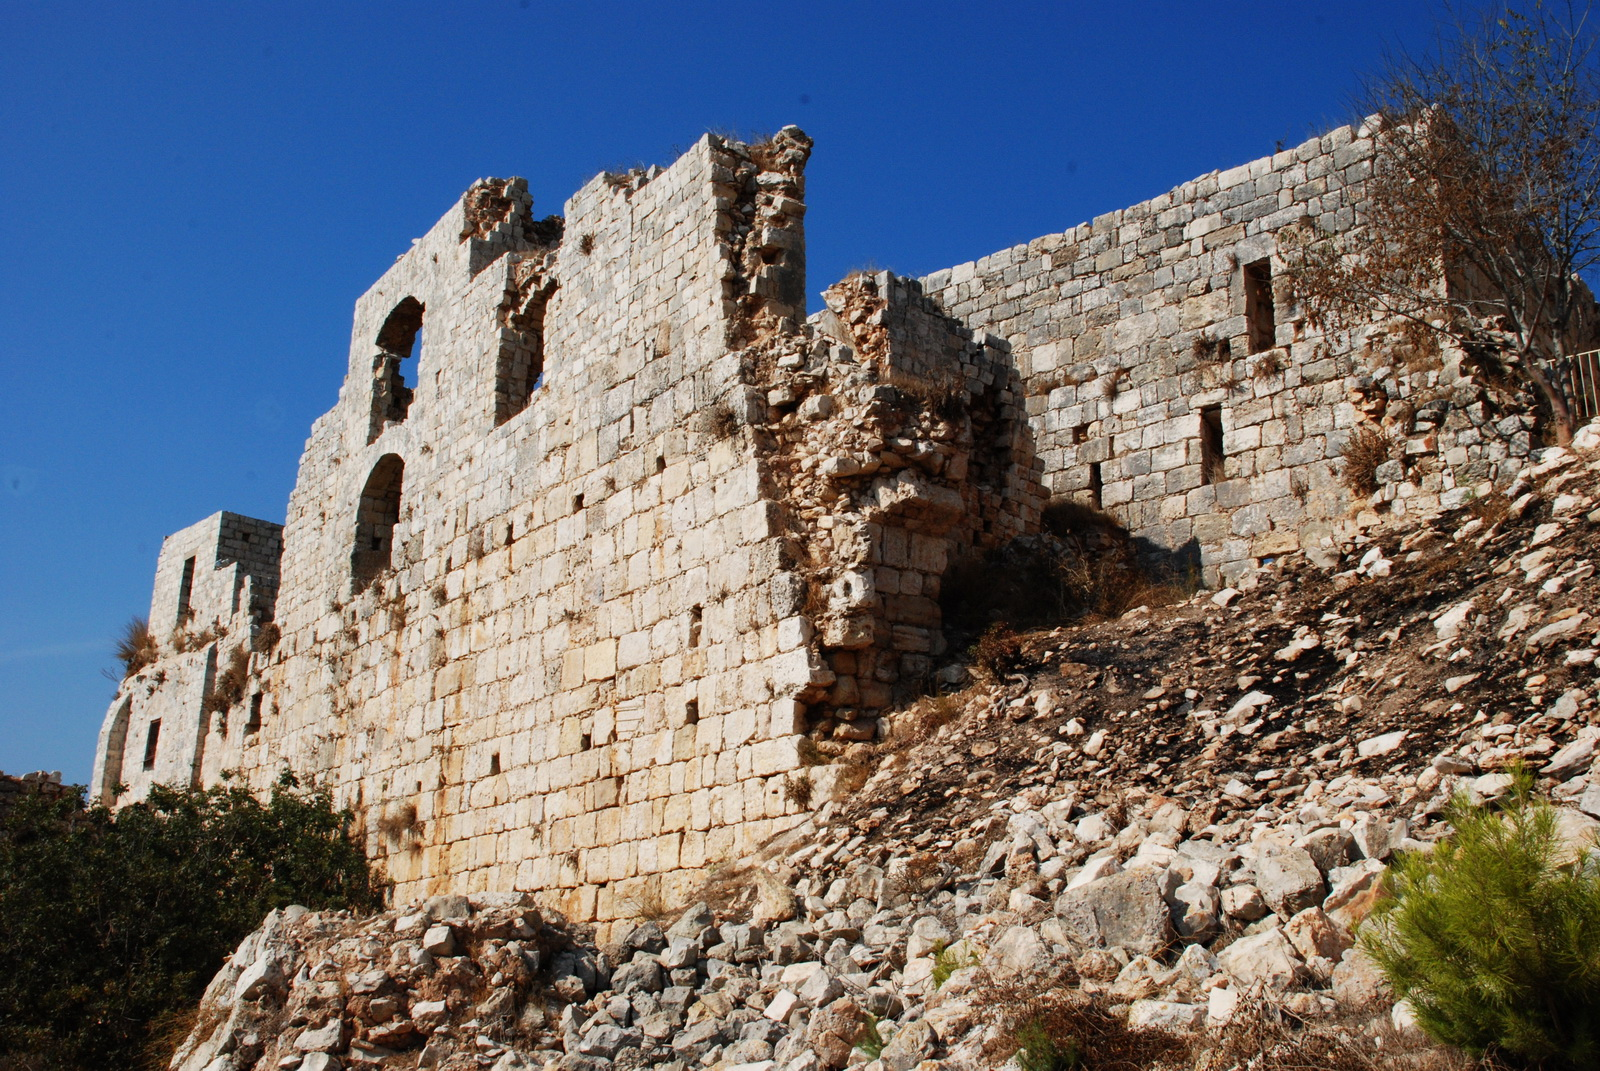 מבצר יחיעם  - החלק האחורי, הרוס למחצה